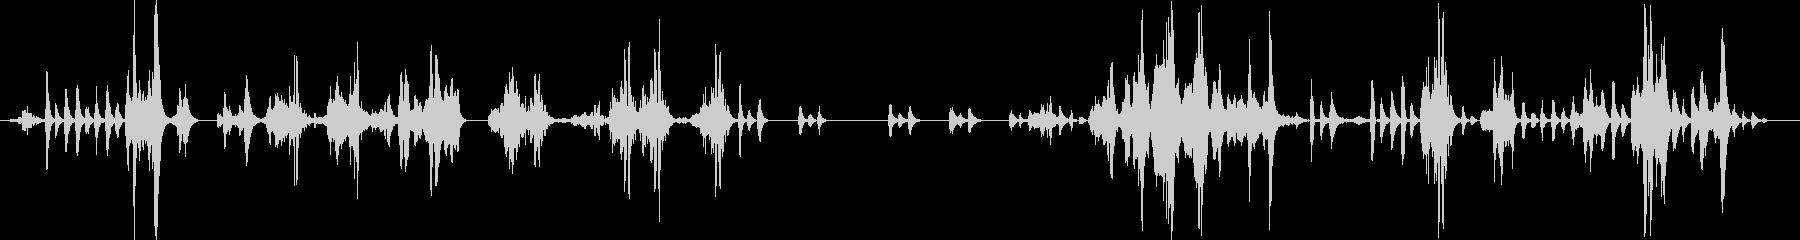 文字化けしたTribbleデータコ...の未再生の波形